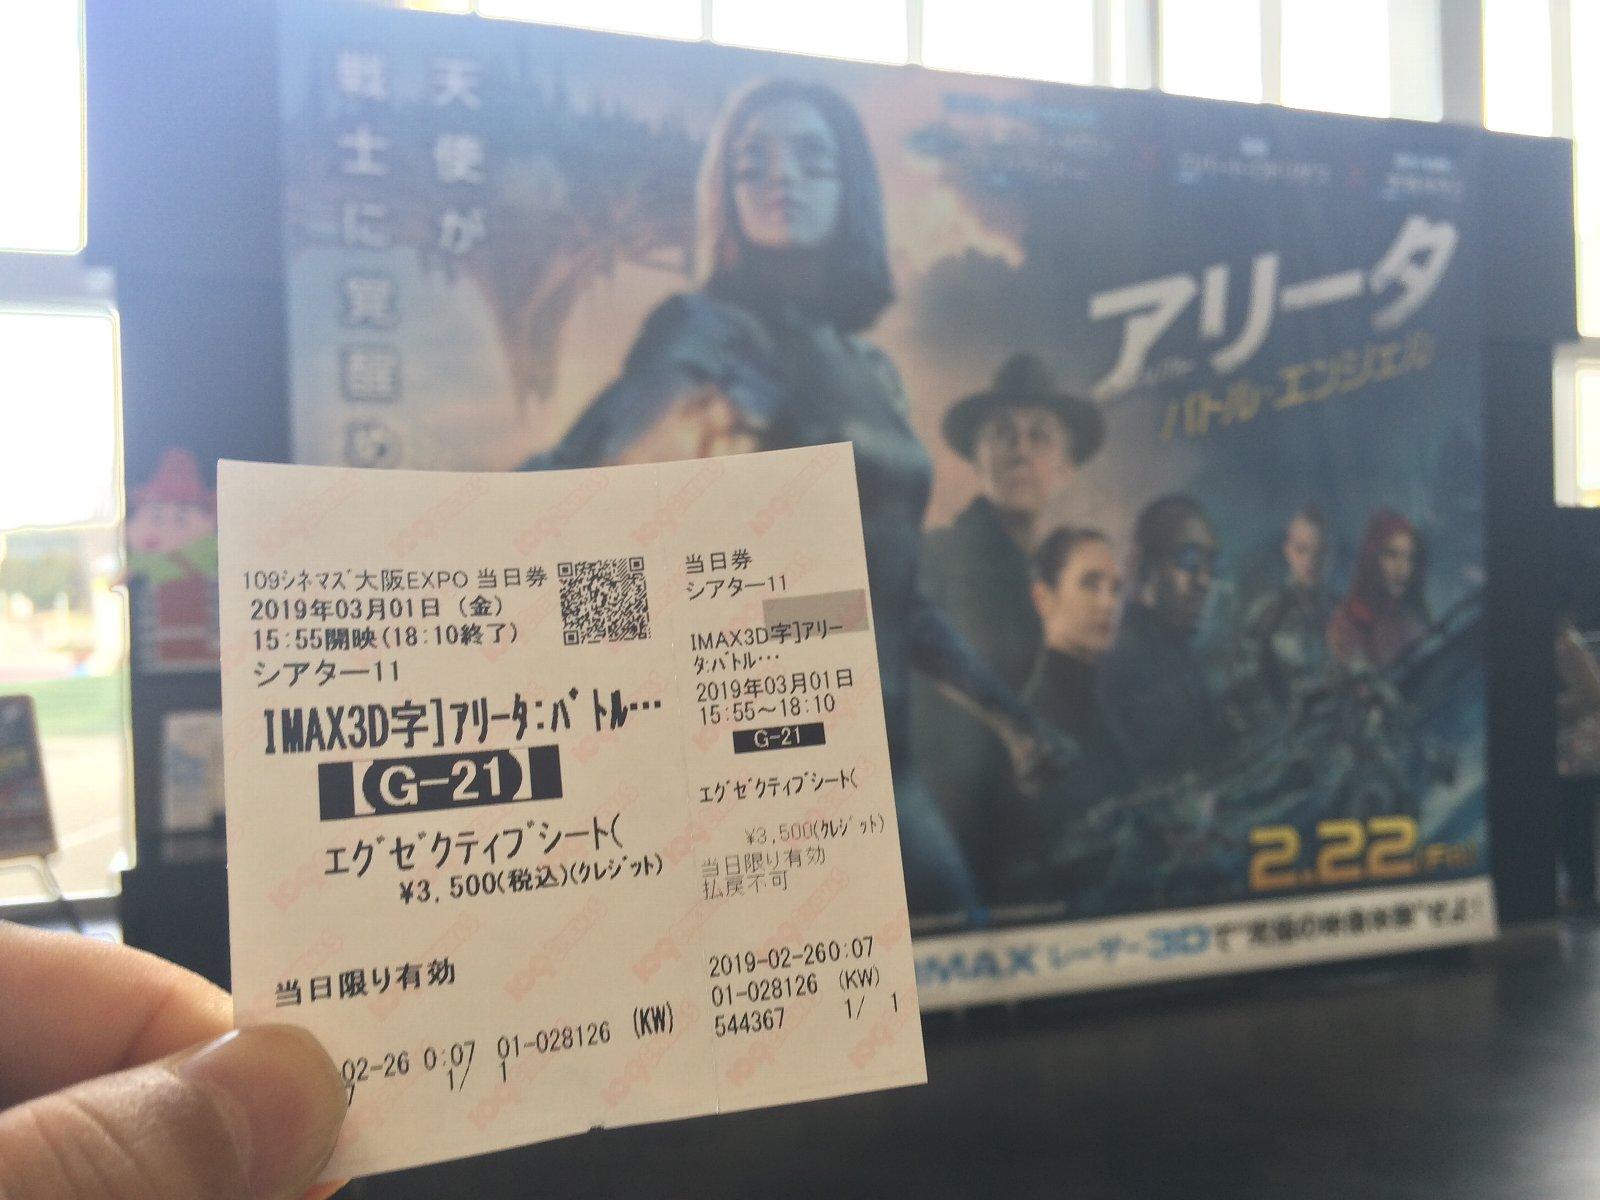 20190301 『アリータ』チケット